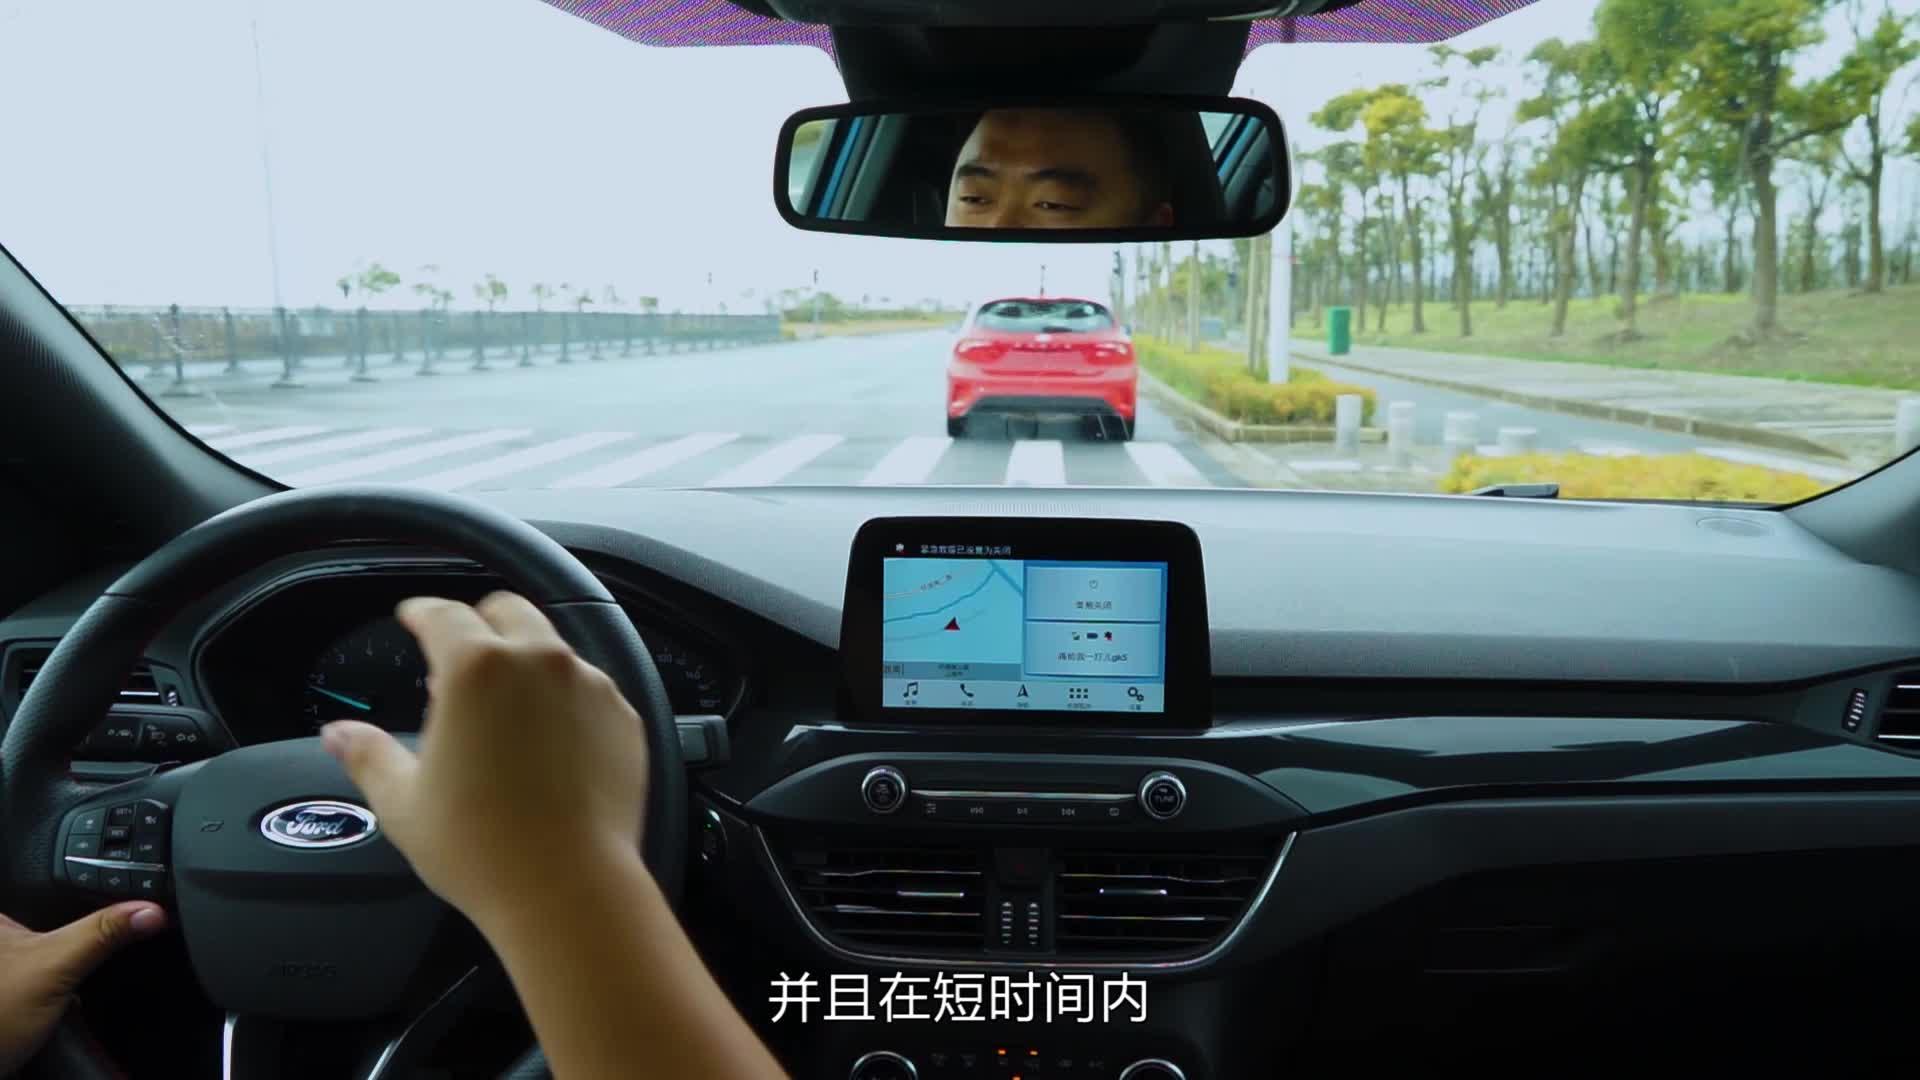 同级合资轿车独家配置,体验福特福克斯L2级自动驾驶